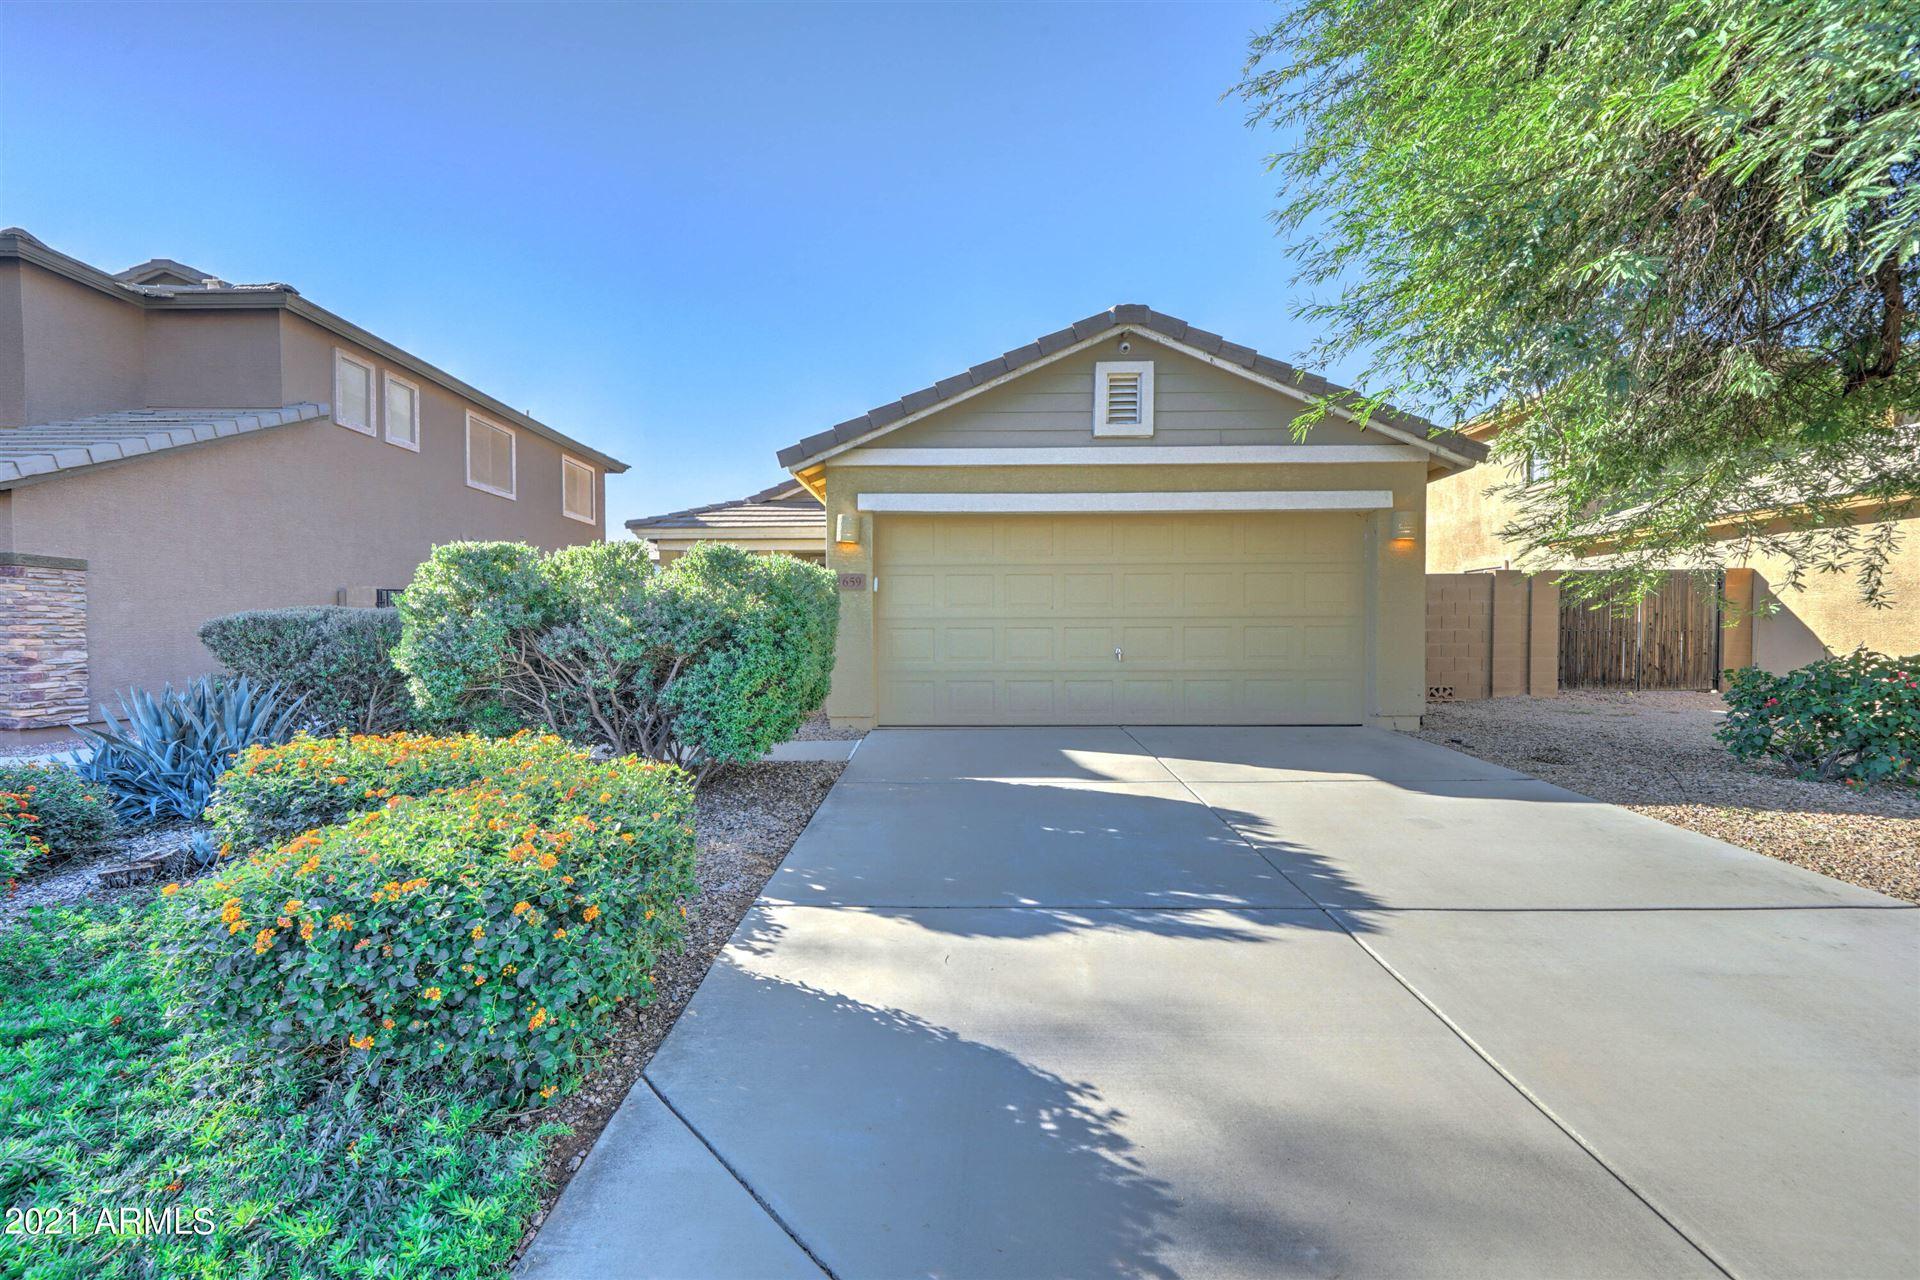 Photo of 1659 W PROSPECTOR Way, Queen Creek, AZ 85142 (MLS # 6306786)